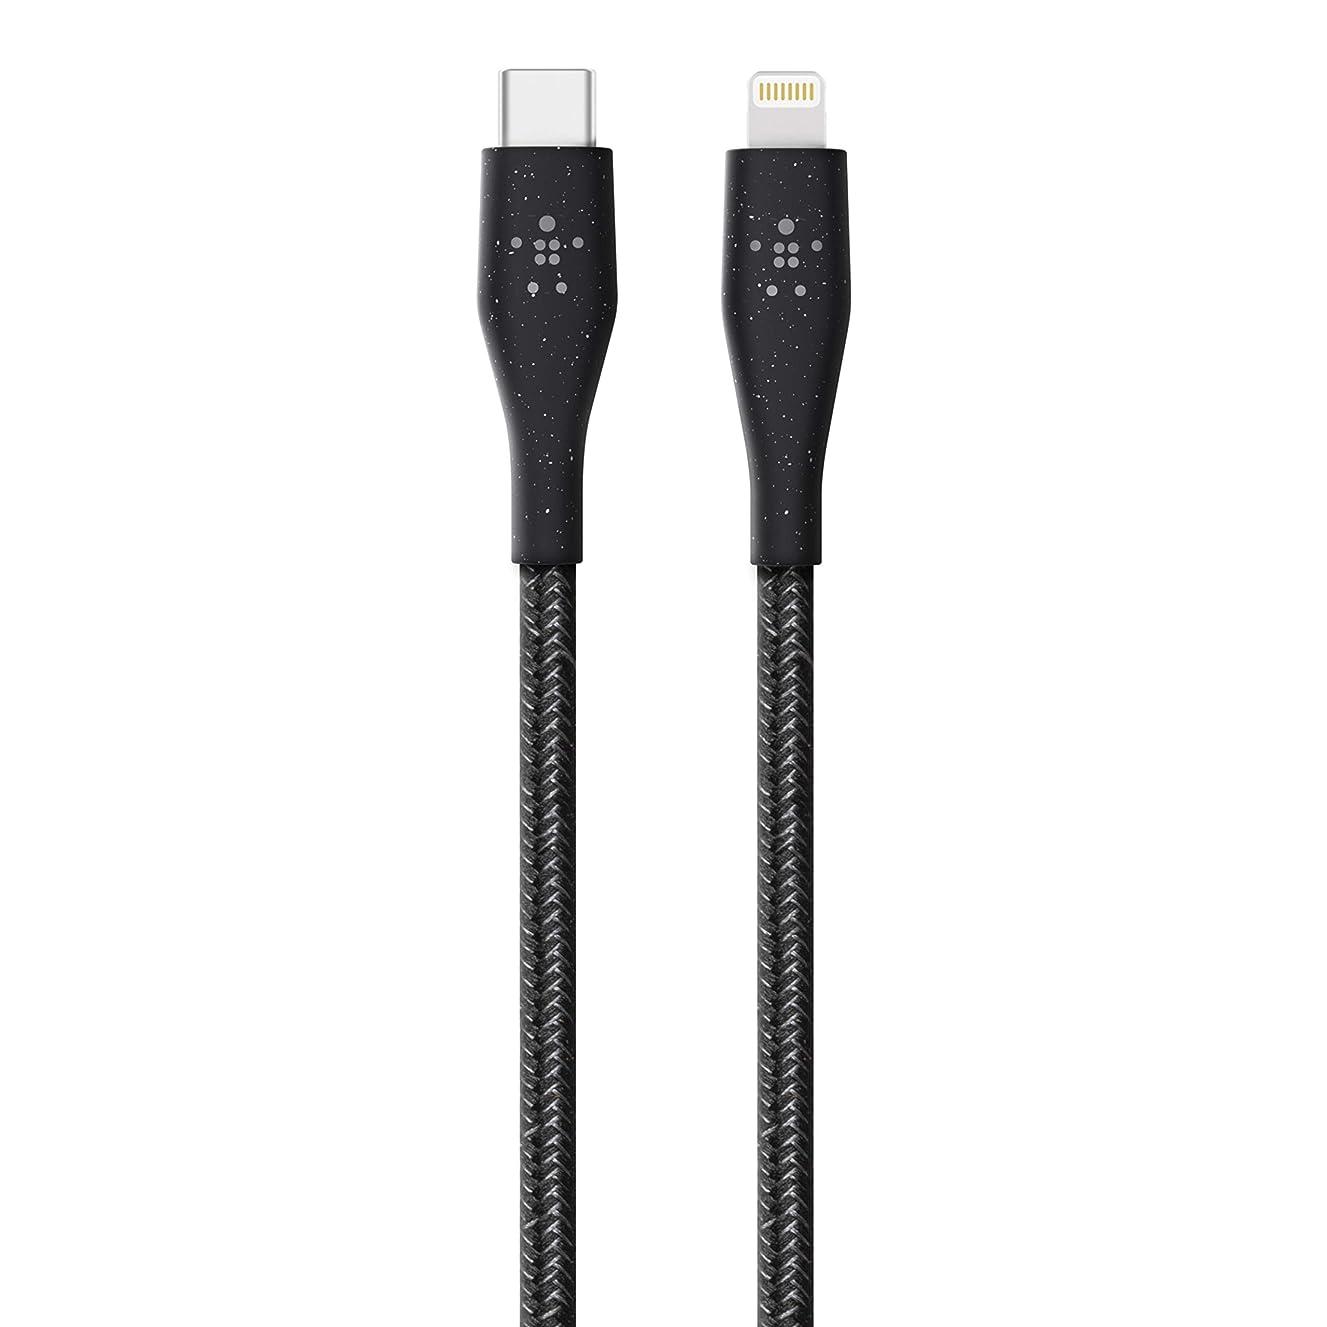 聖歌意外シャイベルキン USB-C to ライトニングケーブル 高耐久 Apple MFi認証 Power Delivery 対応 iPhone XS/XS Max/XR/X / 8 / 8 Plus / 11 / 11 Pro 対応 DuraTek Plus 1.2m ブラック F8J243BT04-BLK-A